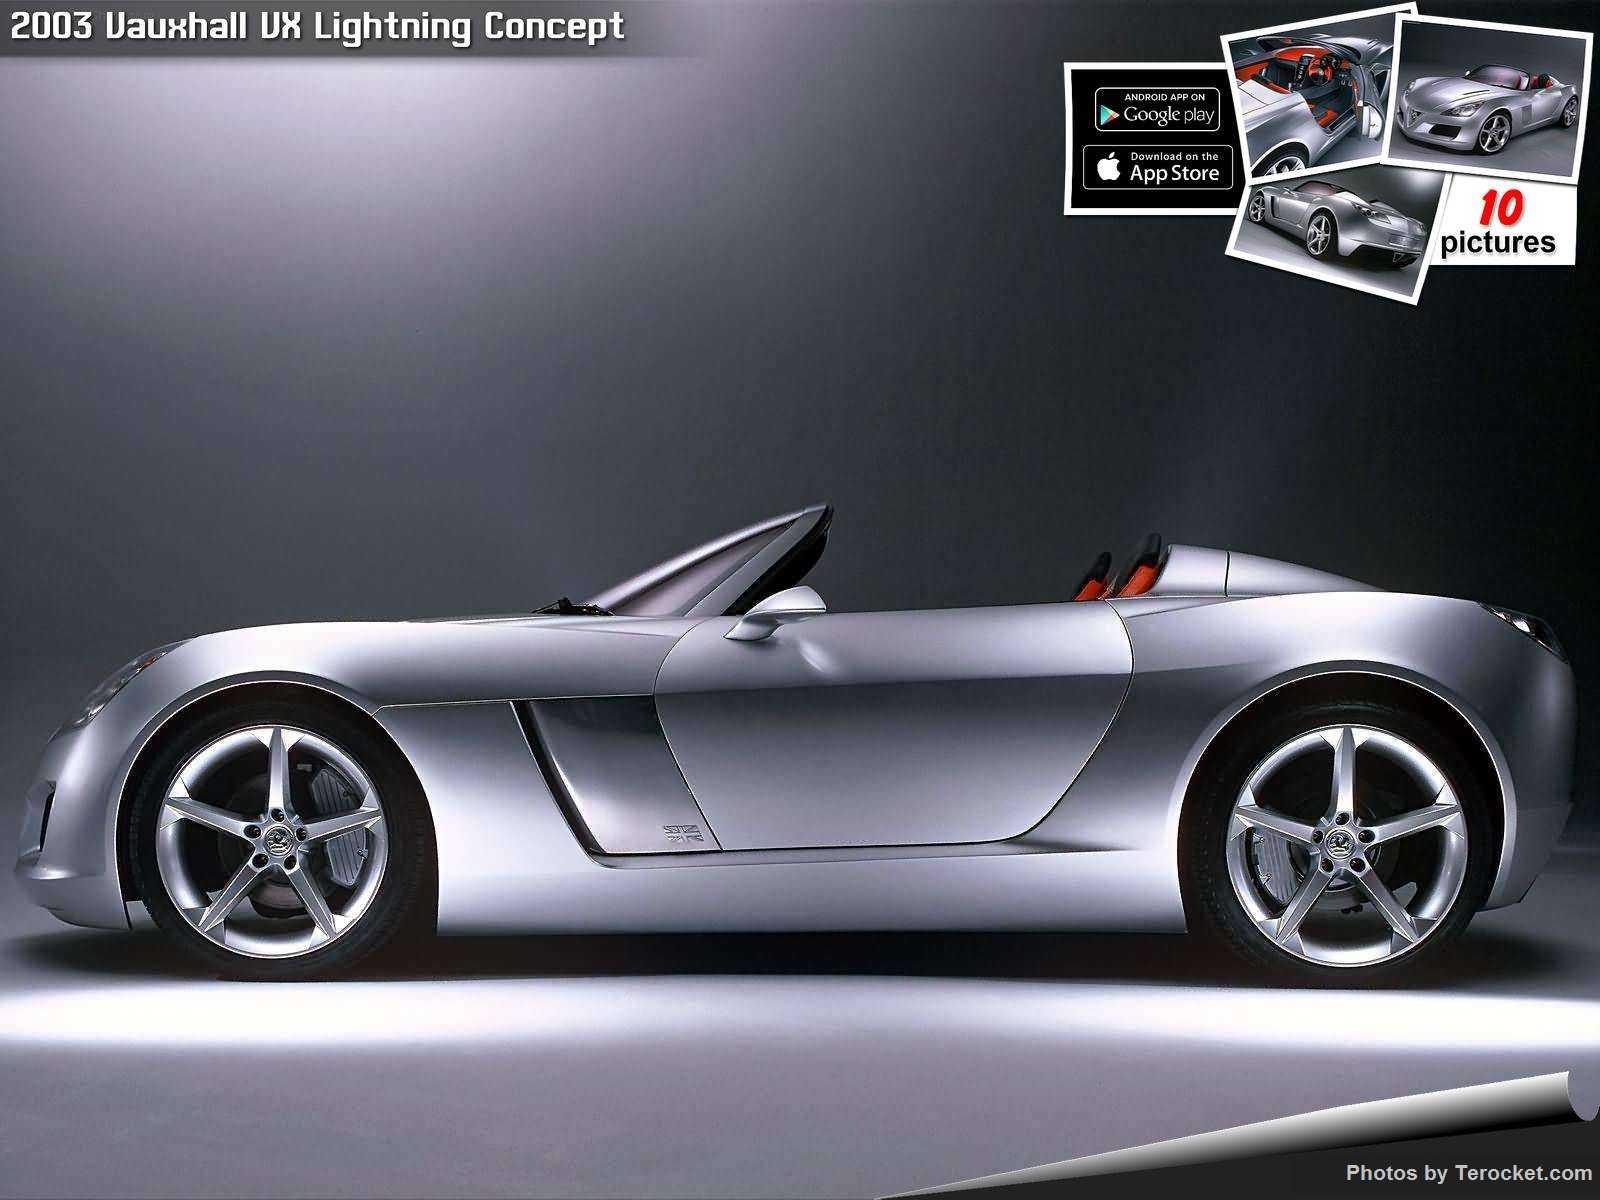 Hình ảnh xe ô tô Vauxhall VX Lightning Concept 2003 & nội ngoại thất